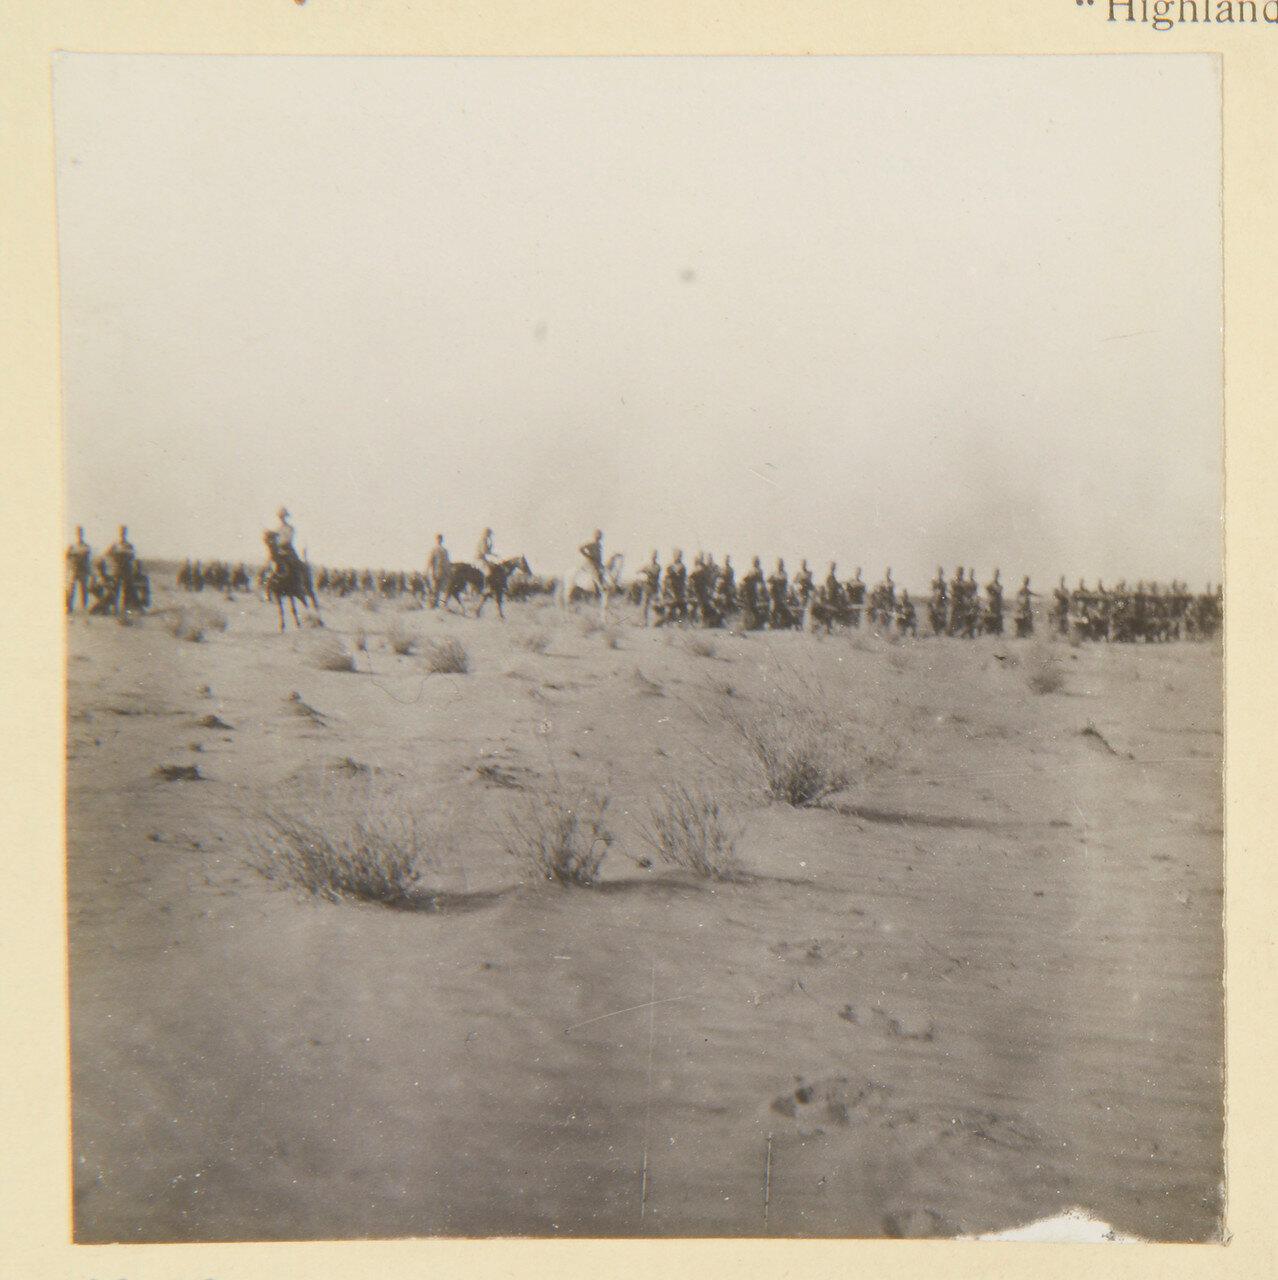 Август 1898. Лагерь 4-го Египетского батальона в Вад Хамиде